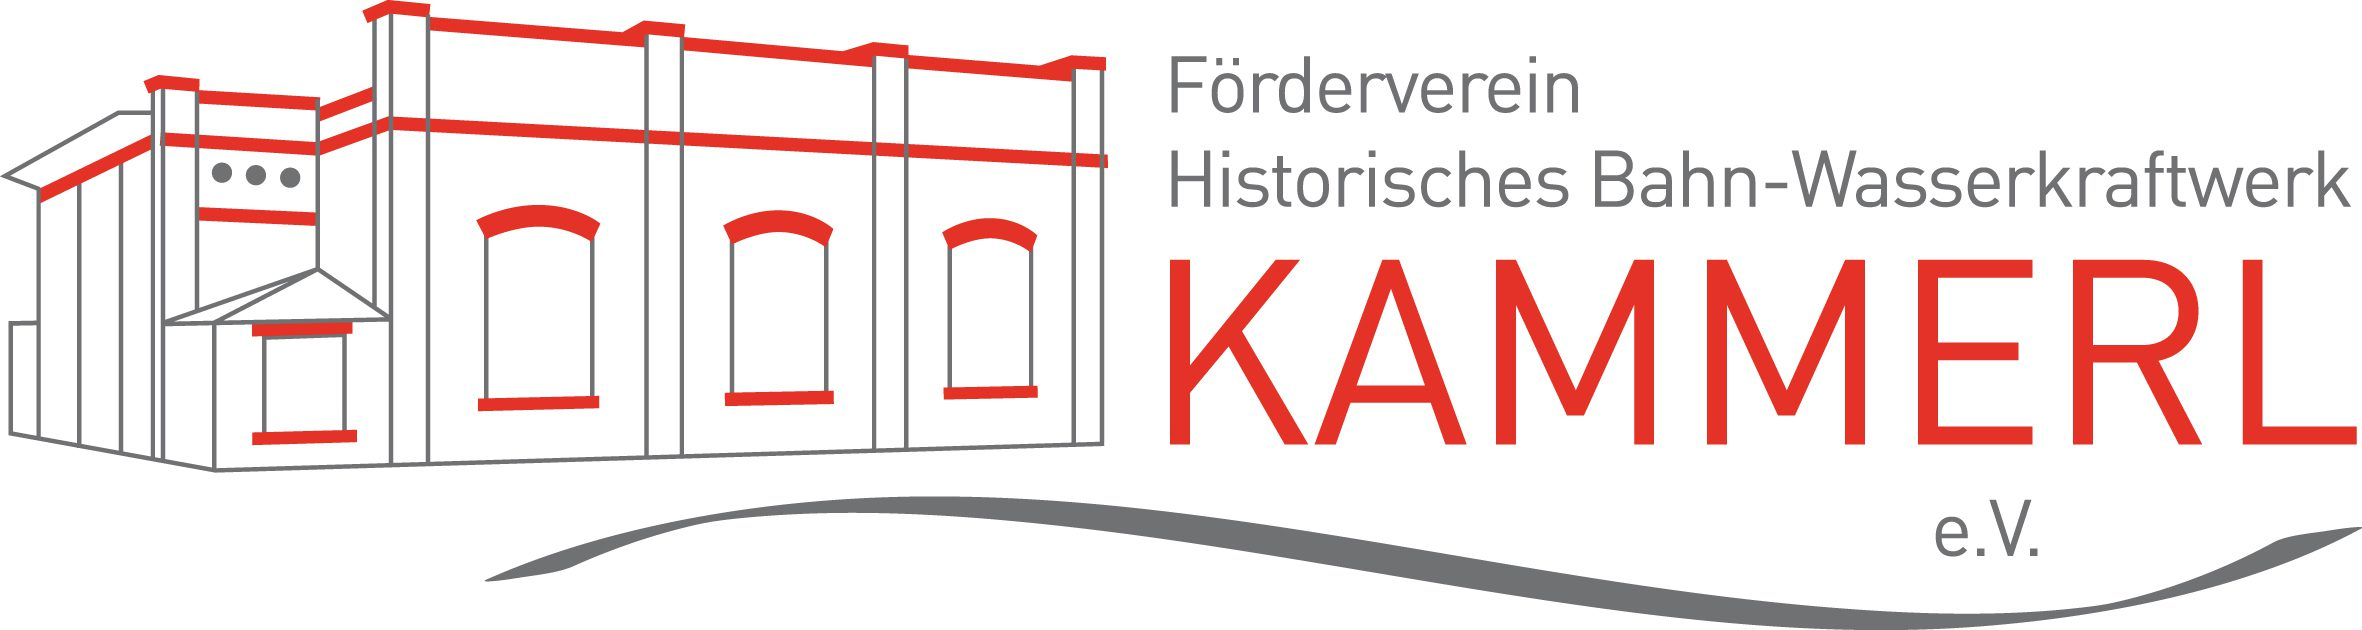 Förderverein historisches Bahnwasserkraftwerk Kammerl e.V.